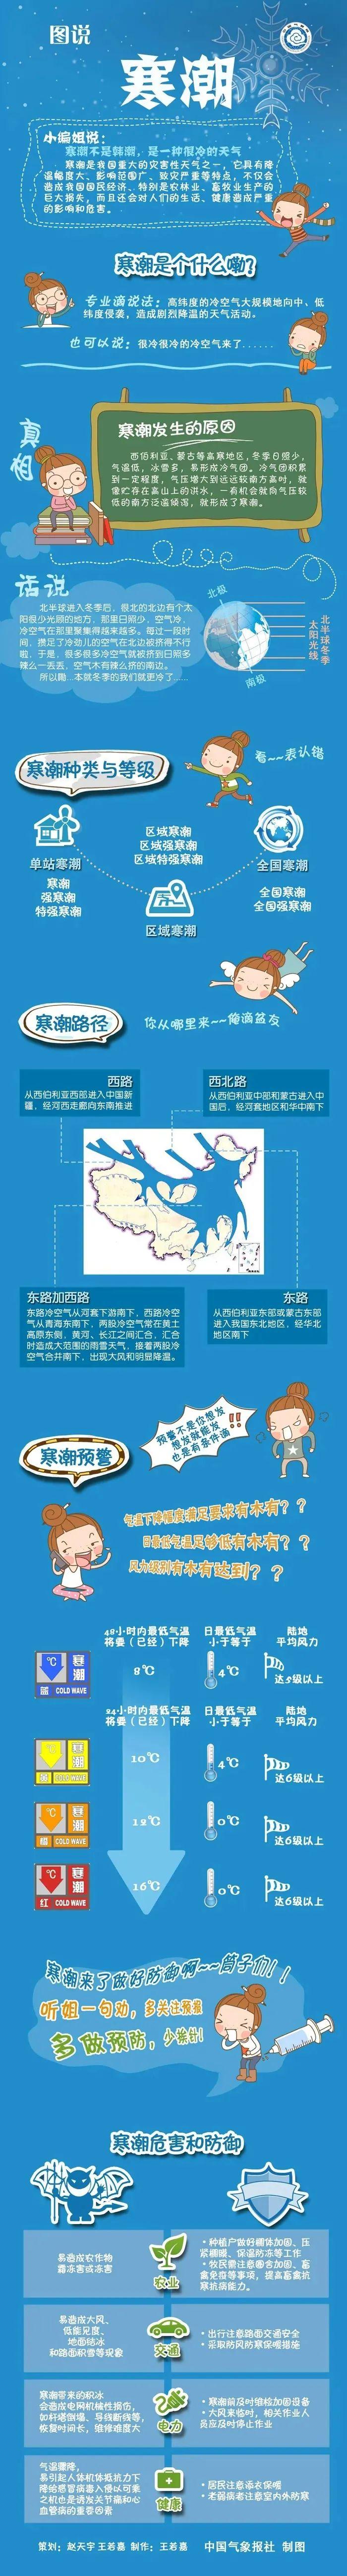 (原题为《今冬首个寒潮黄色预警发布!中国气象局启动三级应急响应》)